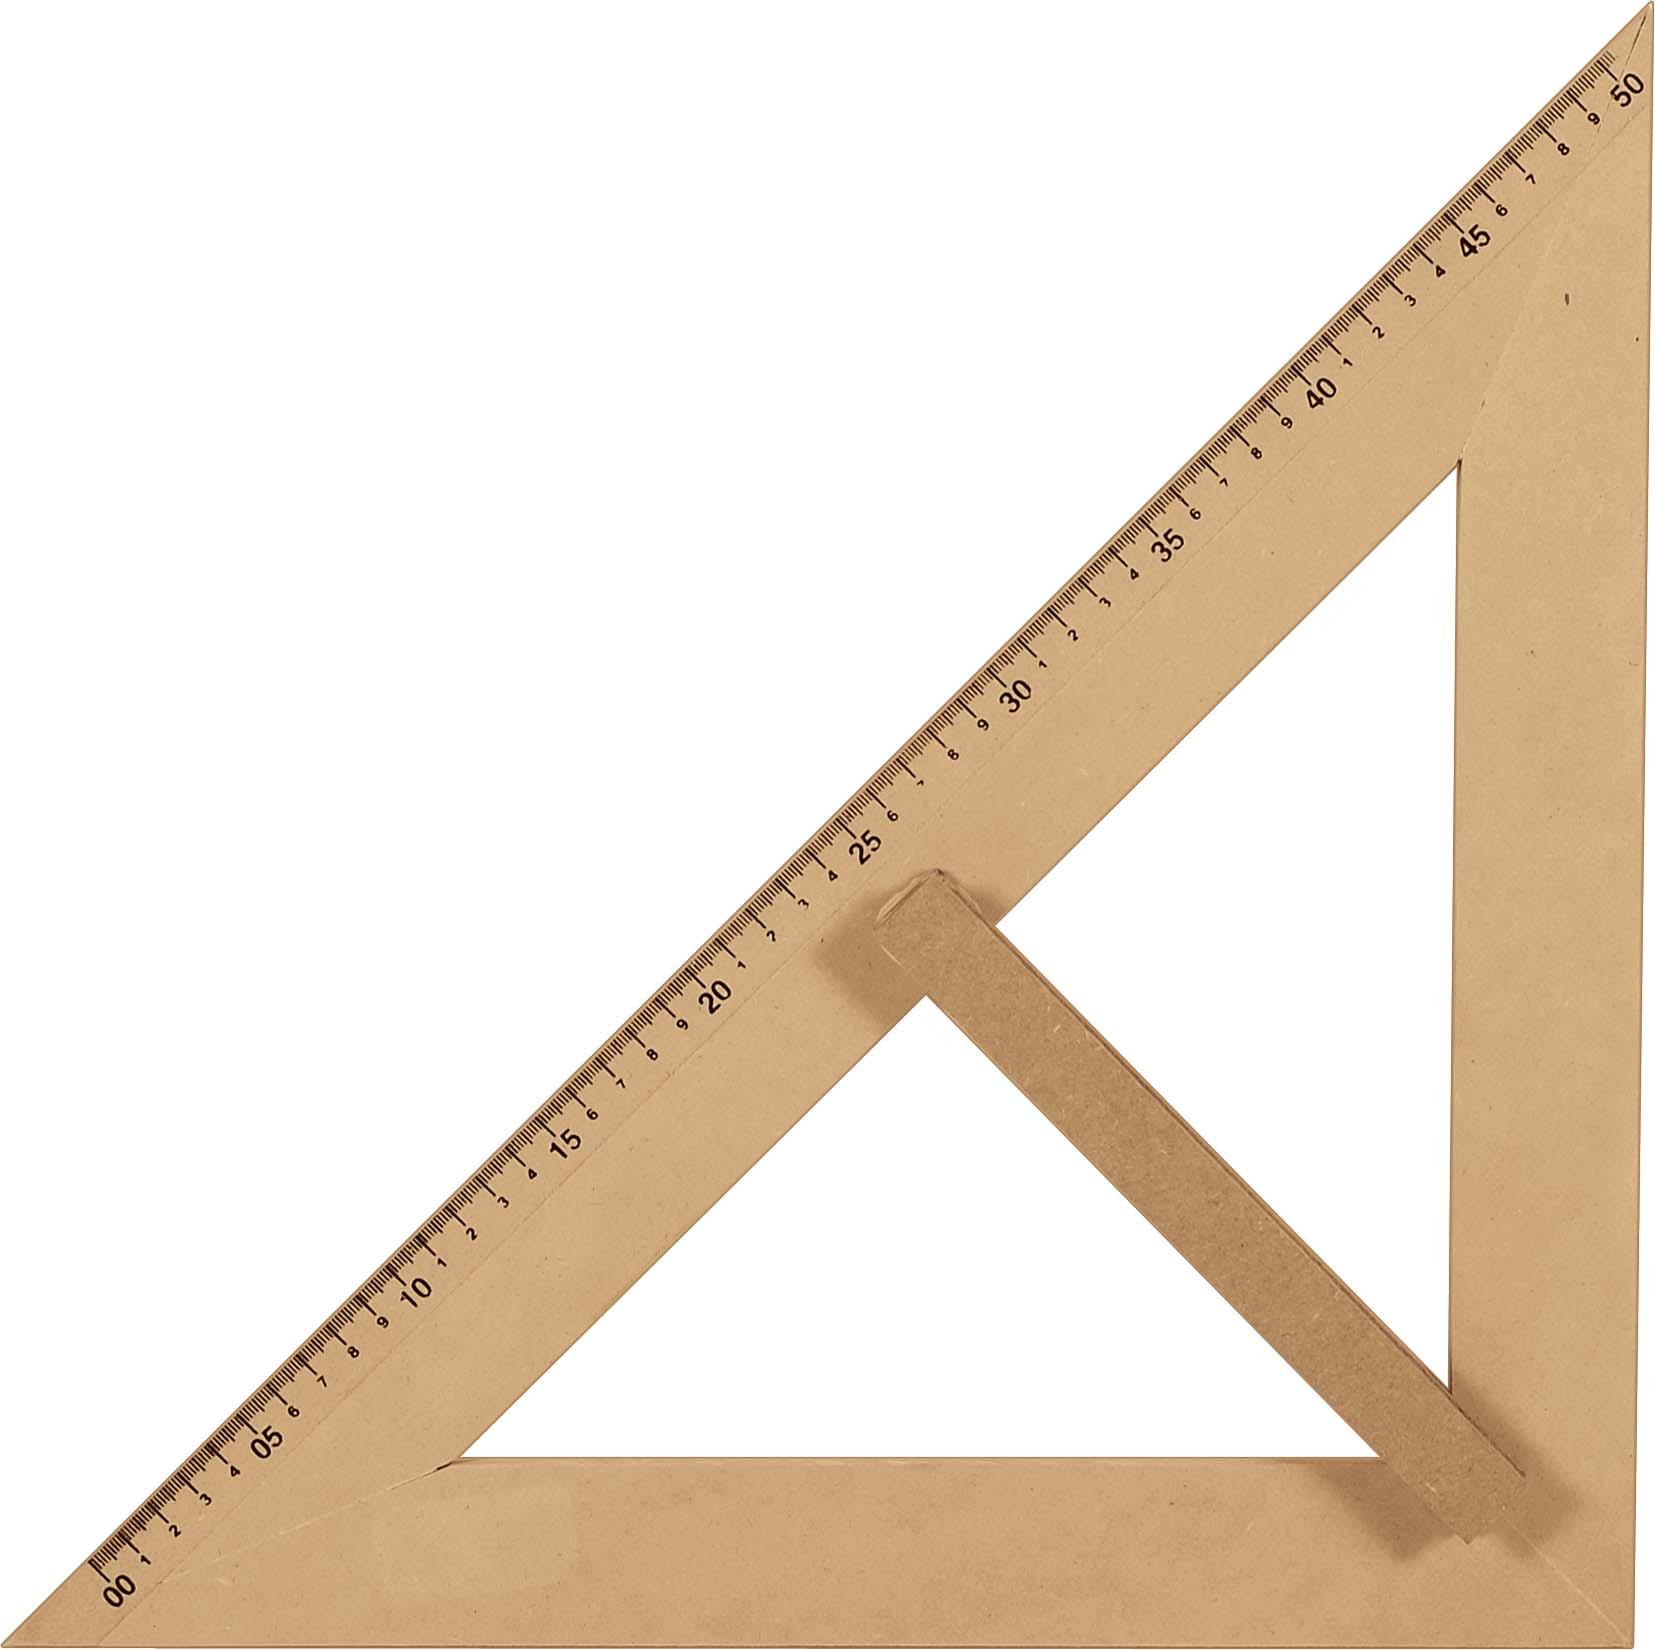 CONJ 4 Kit Geométrico do Professor Mdf Com Régua 1 Metro, Compasso Para Quadro Branco, Esquadro 30/60 Graus, Esquadro 45 Graus e Transferidor 180 Graus